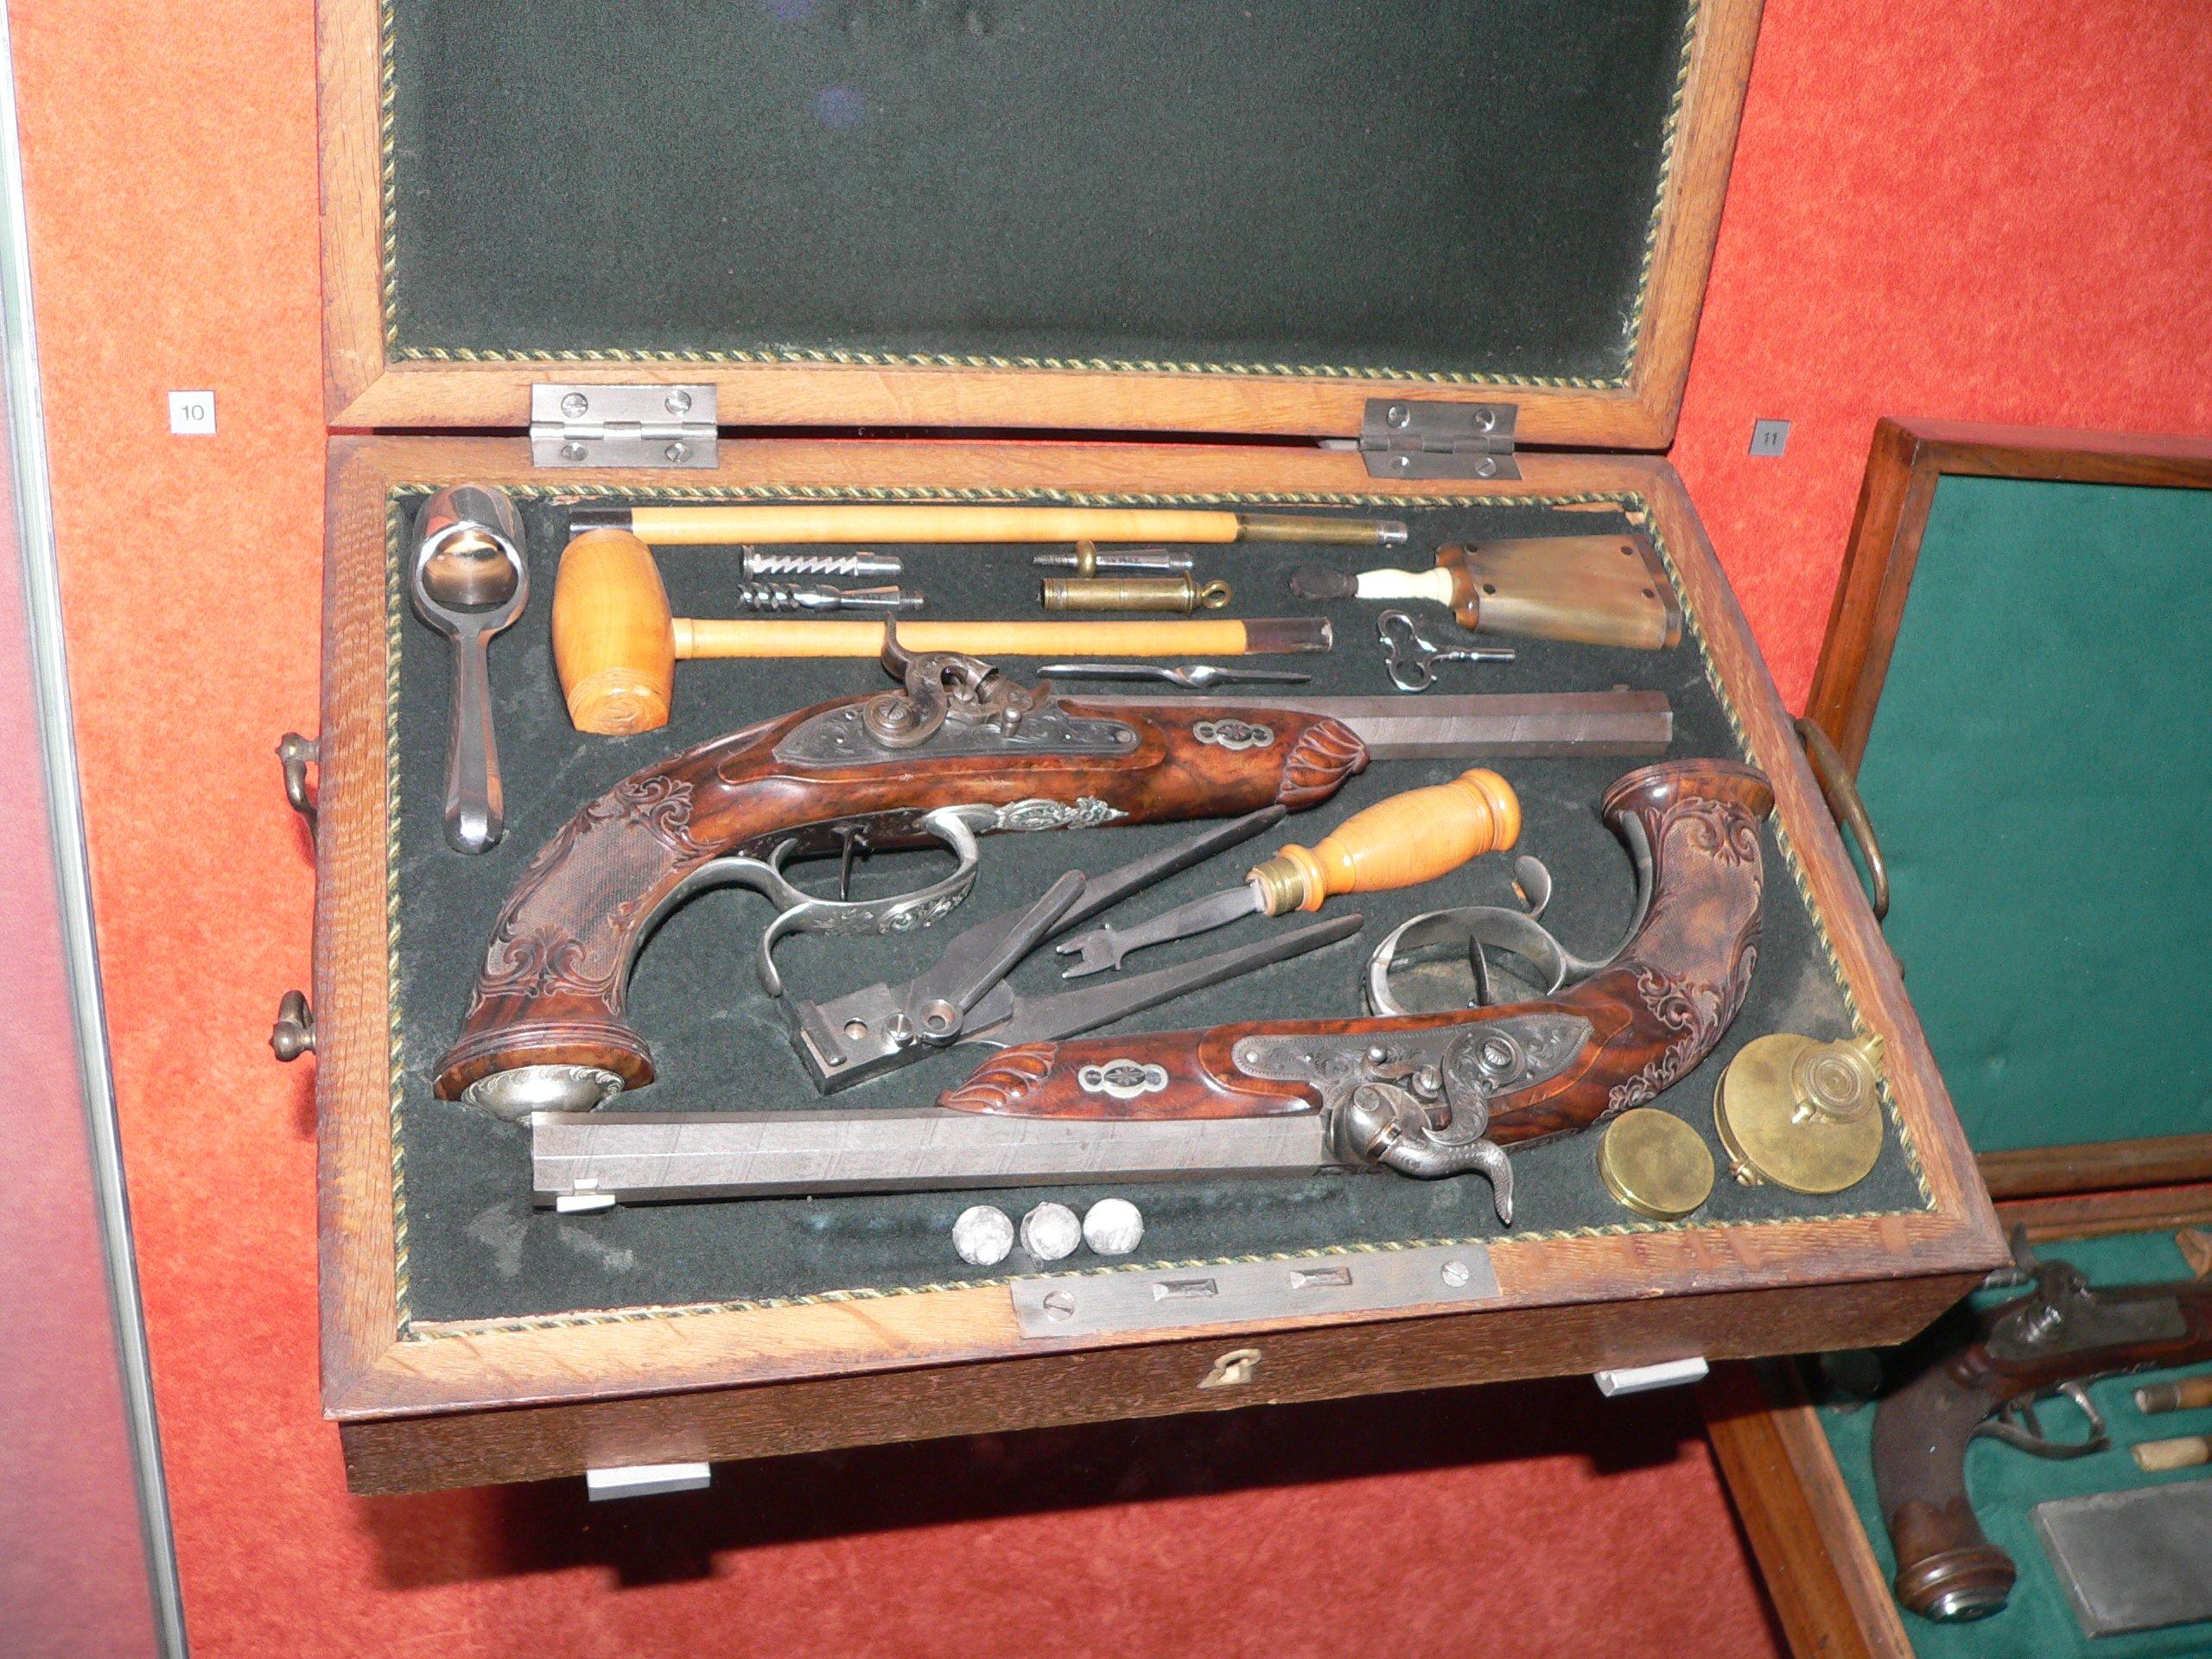 http://upload.wikimedia.org/wikipedia/commons/0/0d/Pistolets-de-duel-p1030442.jpg